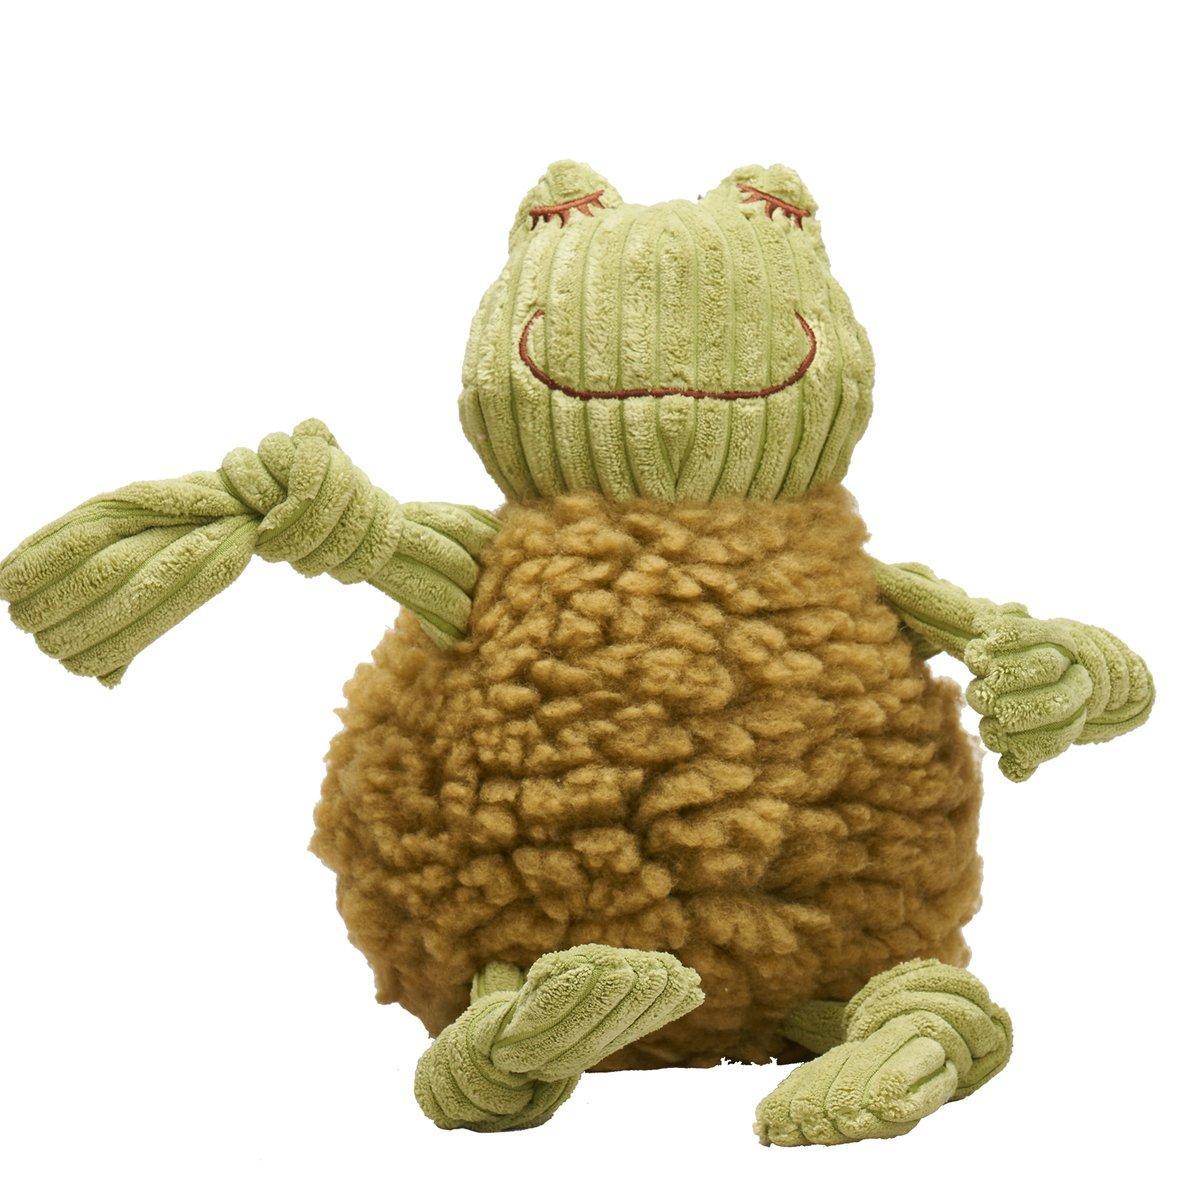 HuggleFleece FlufferKnottie Fiona the Frog Dog Toy Image